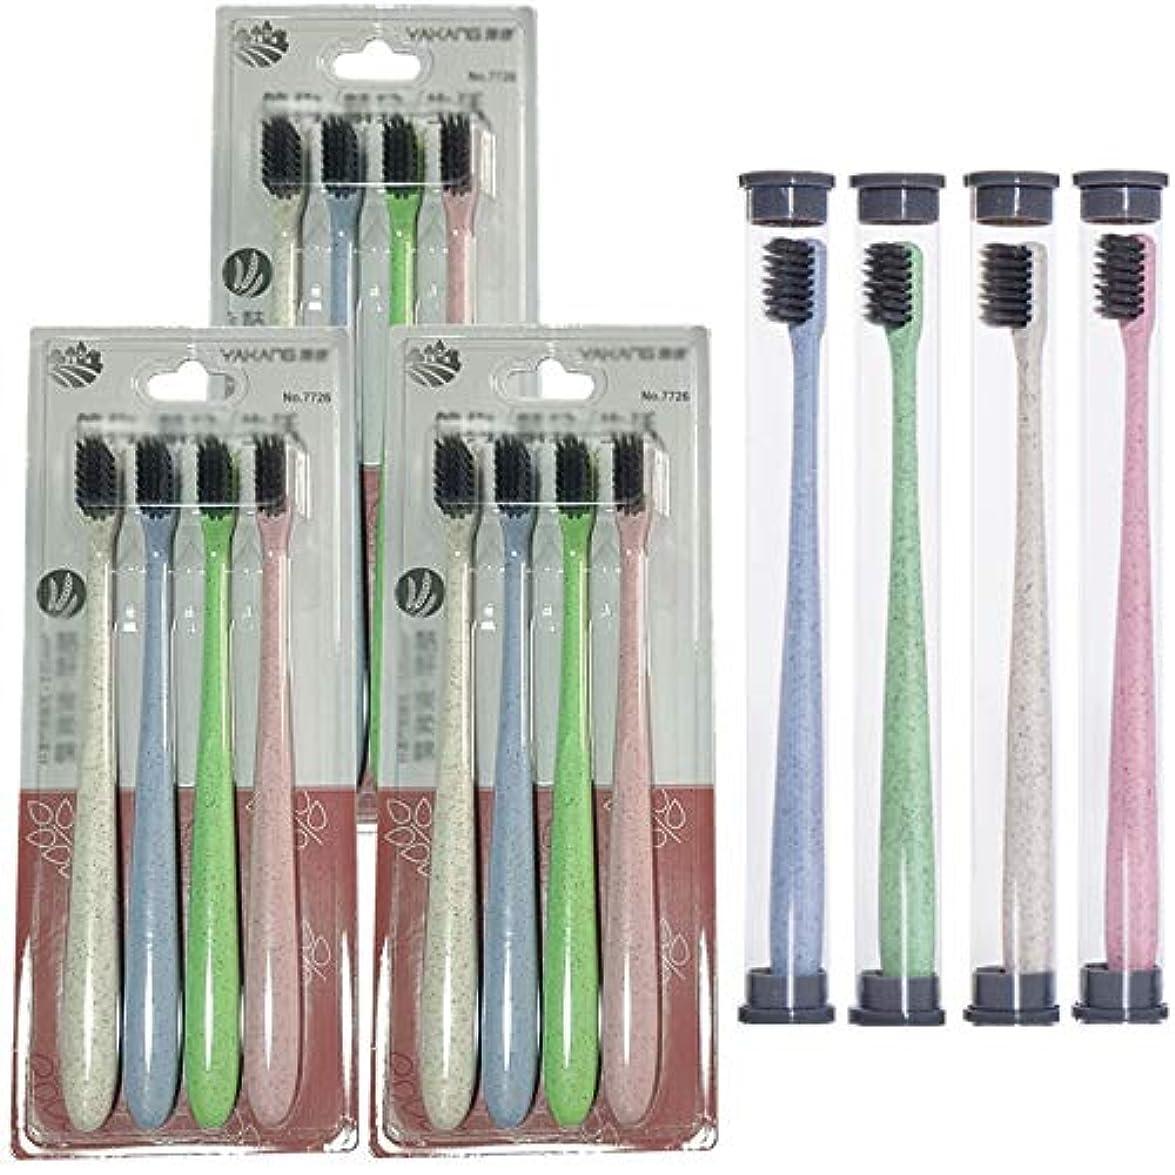 急ぐなぞらえる注釈を付ける歯ブラシ 16すべての大人のための適切なスティック歯ブラシ、歯ブラシバルク、歯ブラシソフト、携帯用歯ブラシ、 HL (色 : 16 packs)